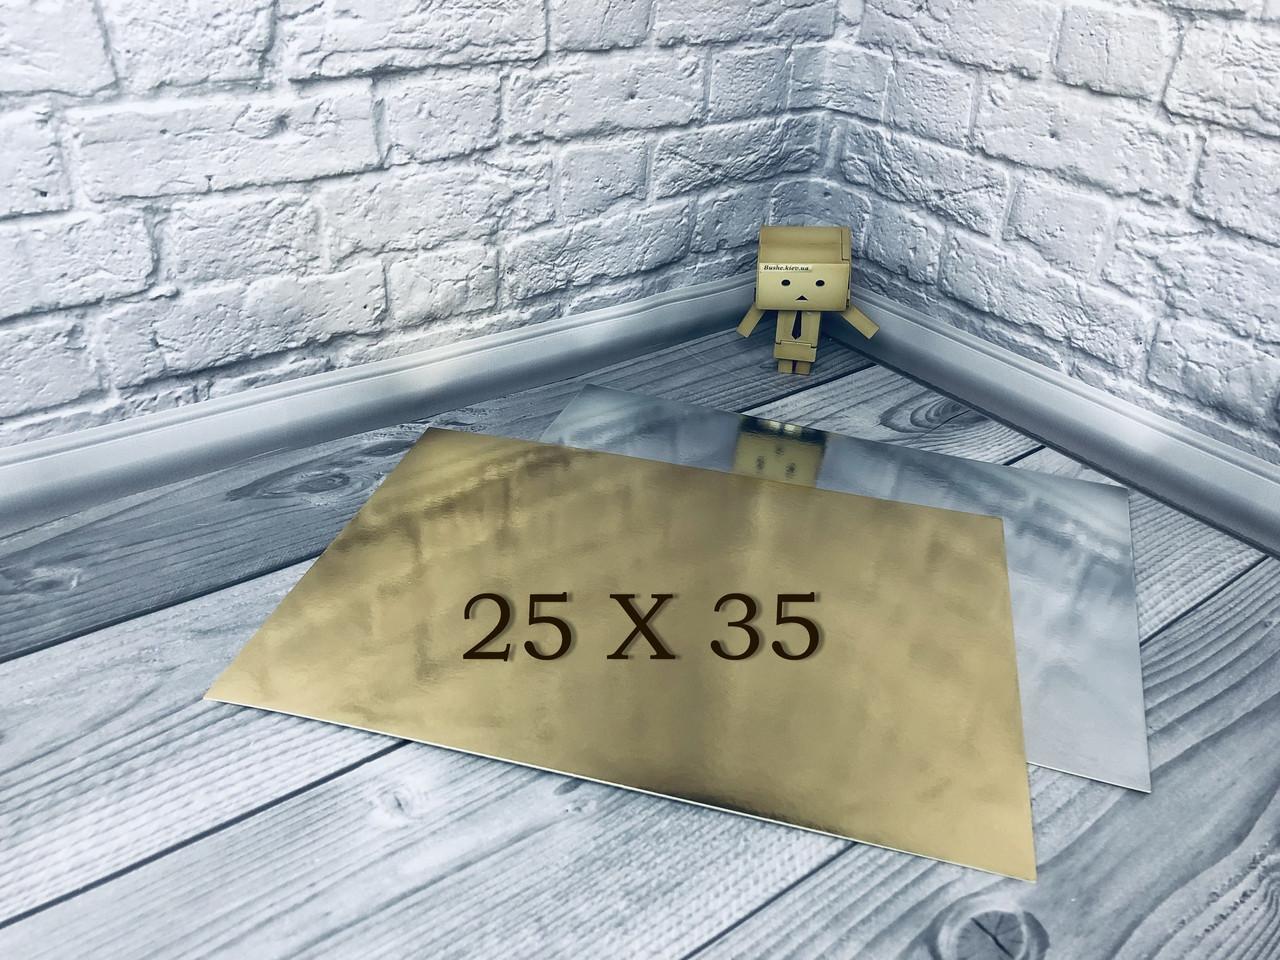 *10 шт* / Подложка под торт 25х35см, Золото-серебро,250х350мм/мин. 10 шт.